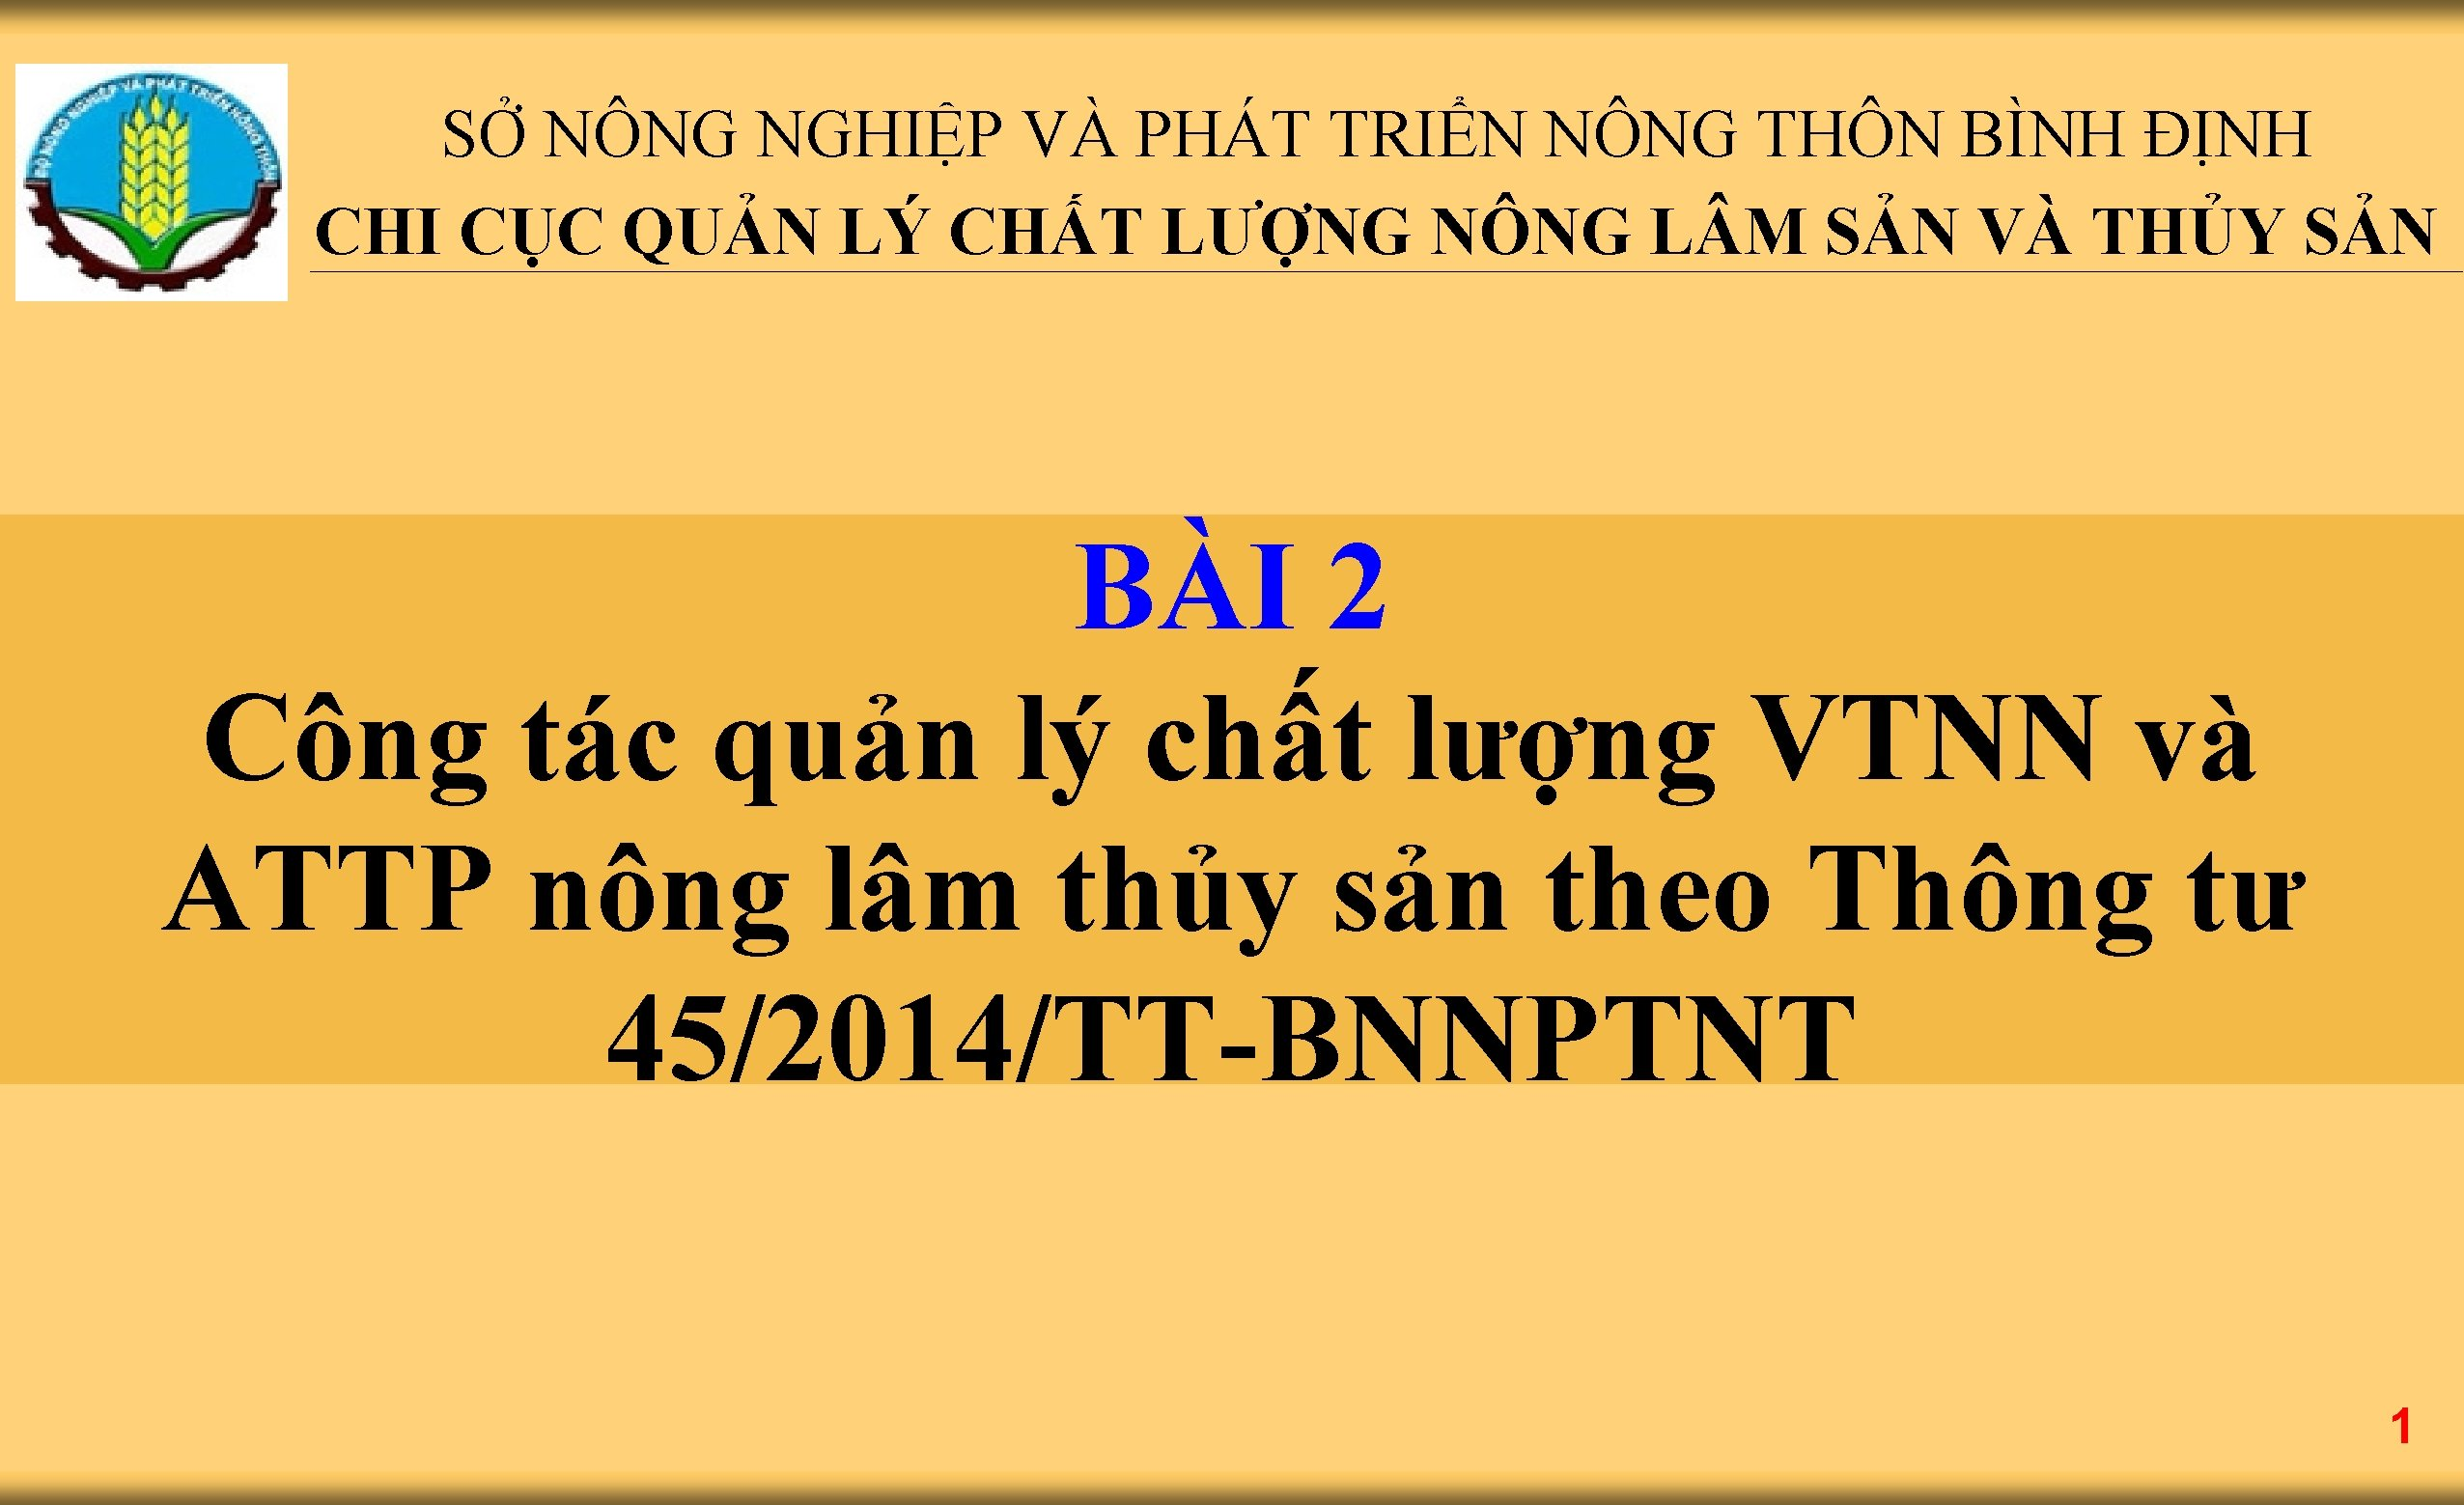 S NNG NGHIP V PHT TRIN NNG THN